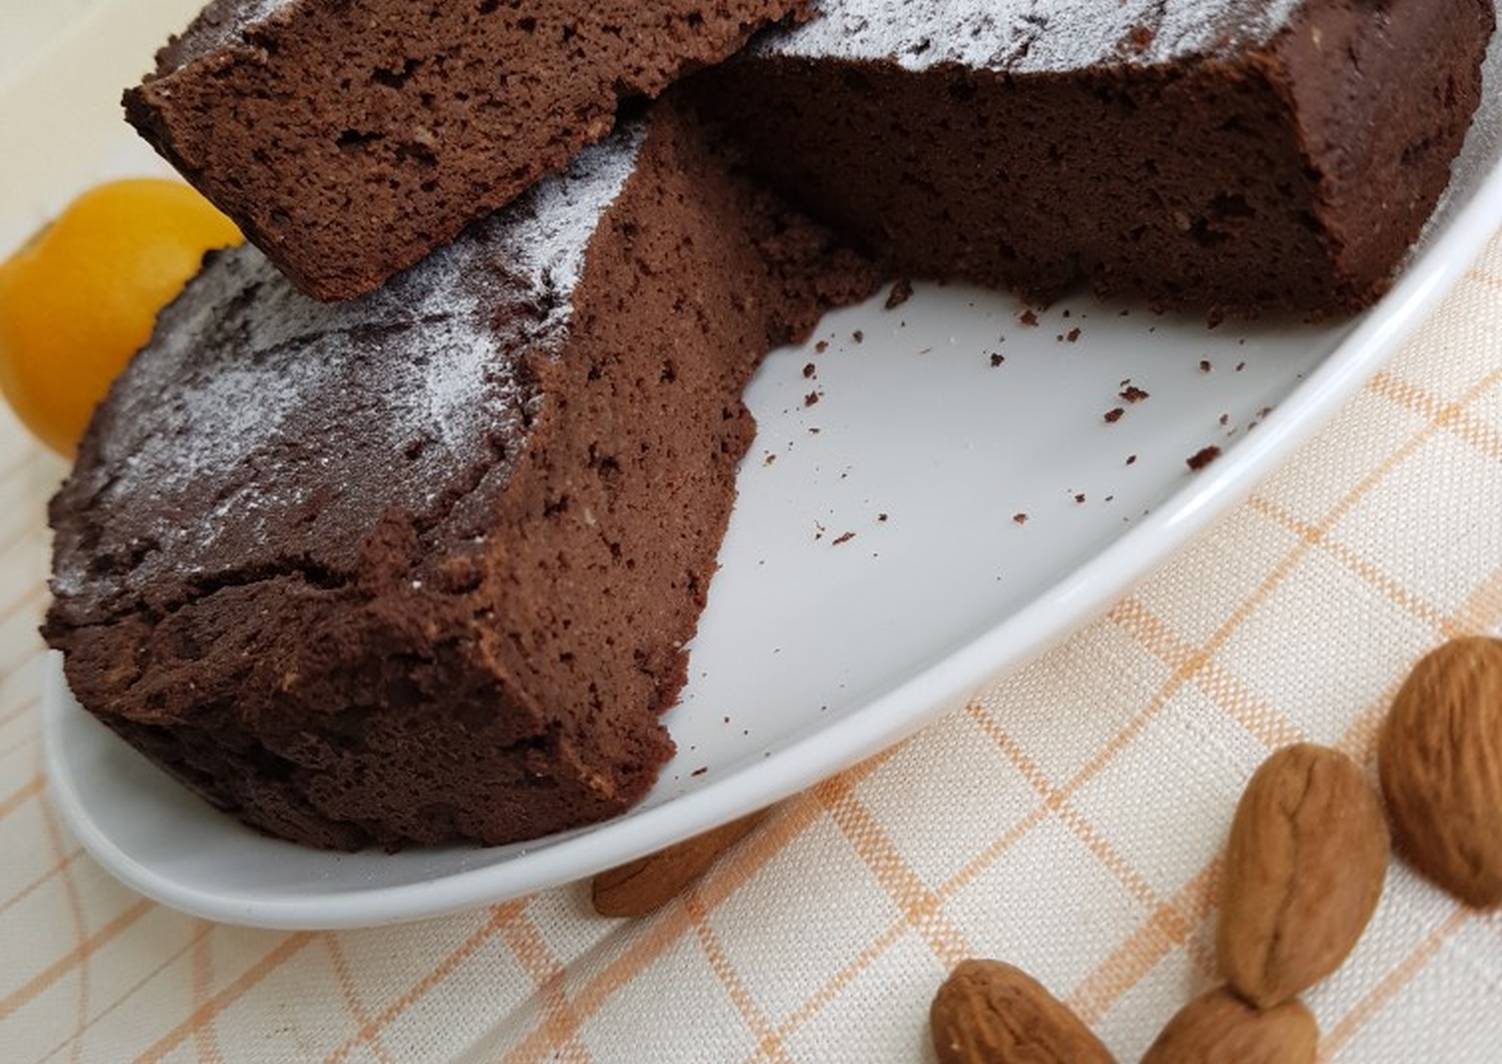 надо почистить пирог шоколадный рецепт с фото пошагово эти новогодние поделки